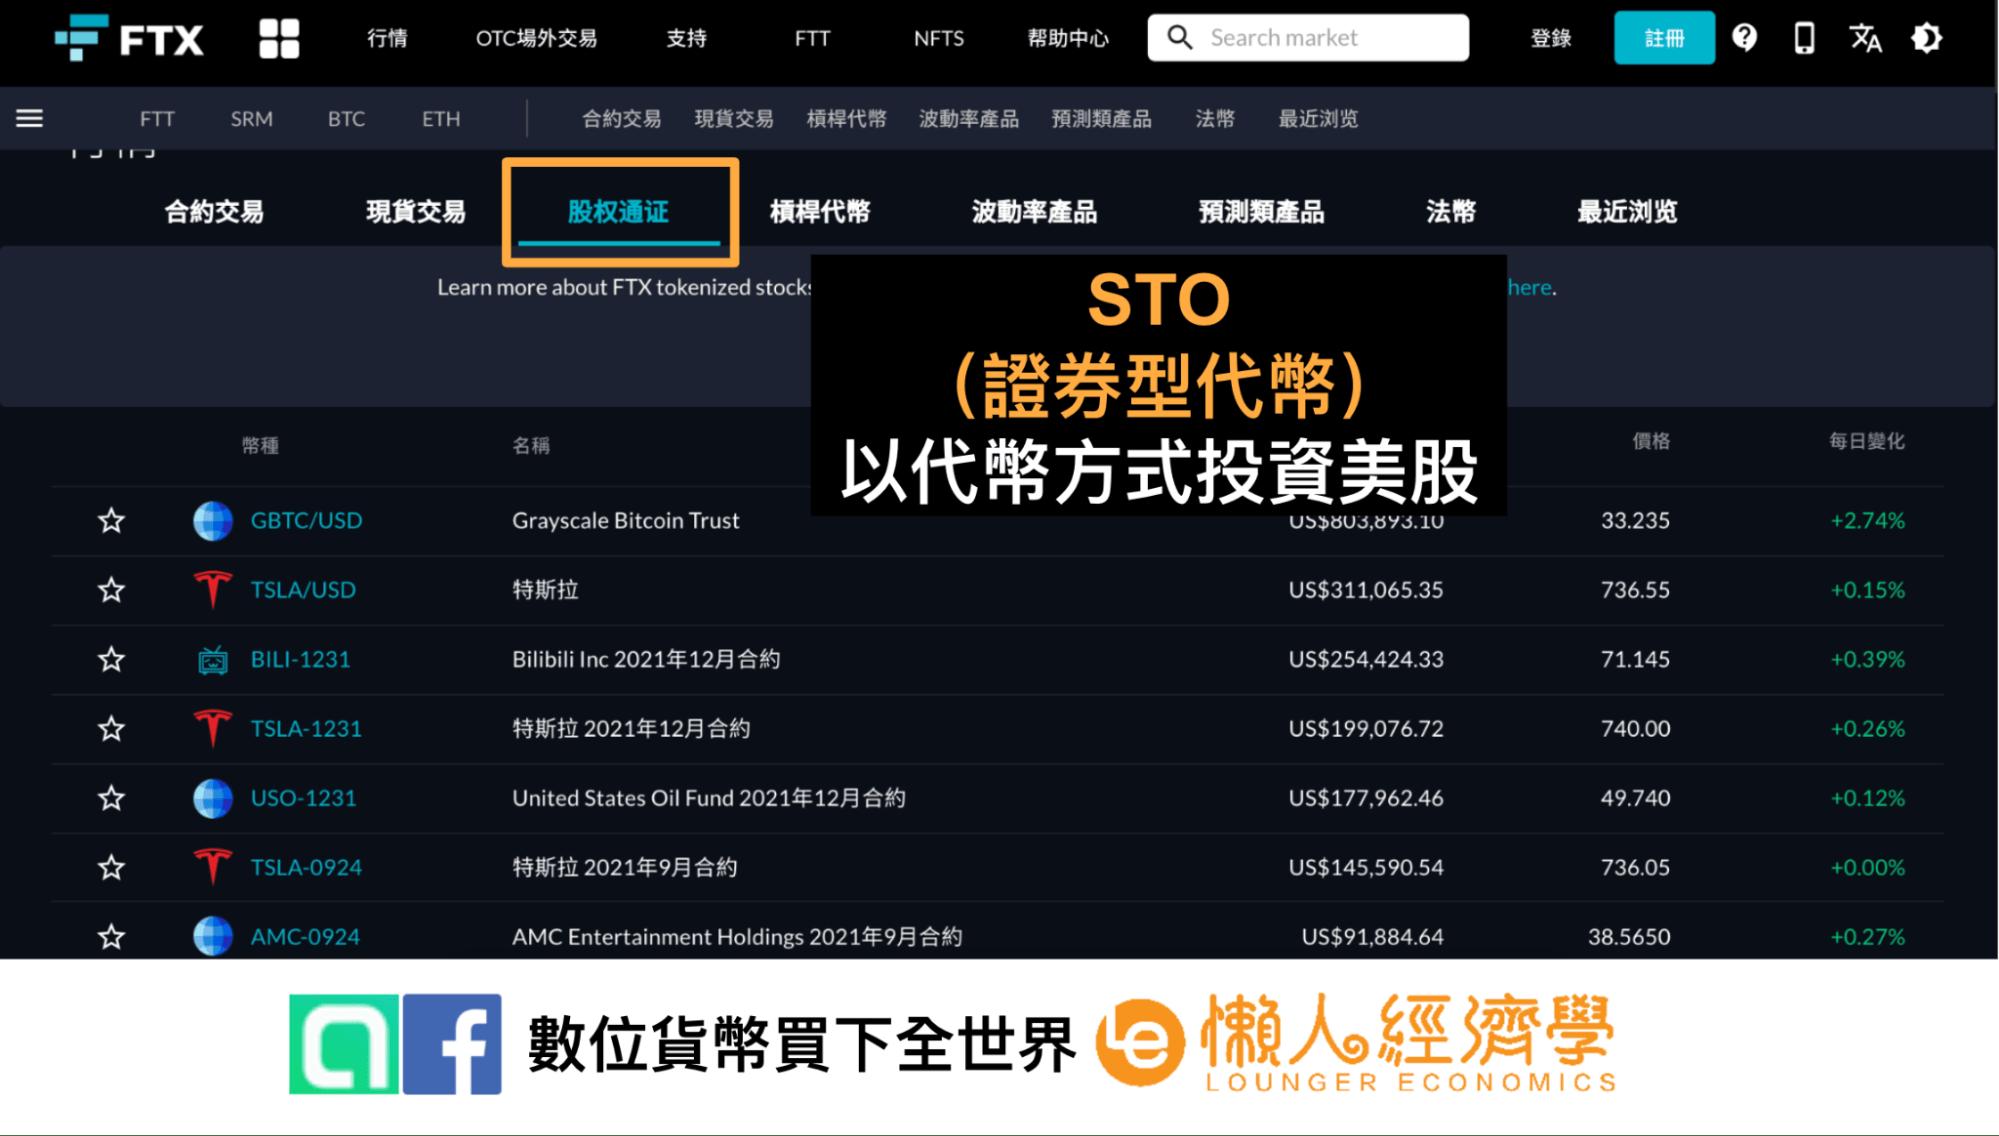 FTX交易所:超過600種商品、300個交易對:STO證券型代幣